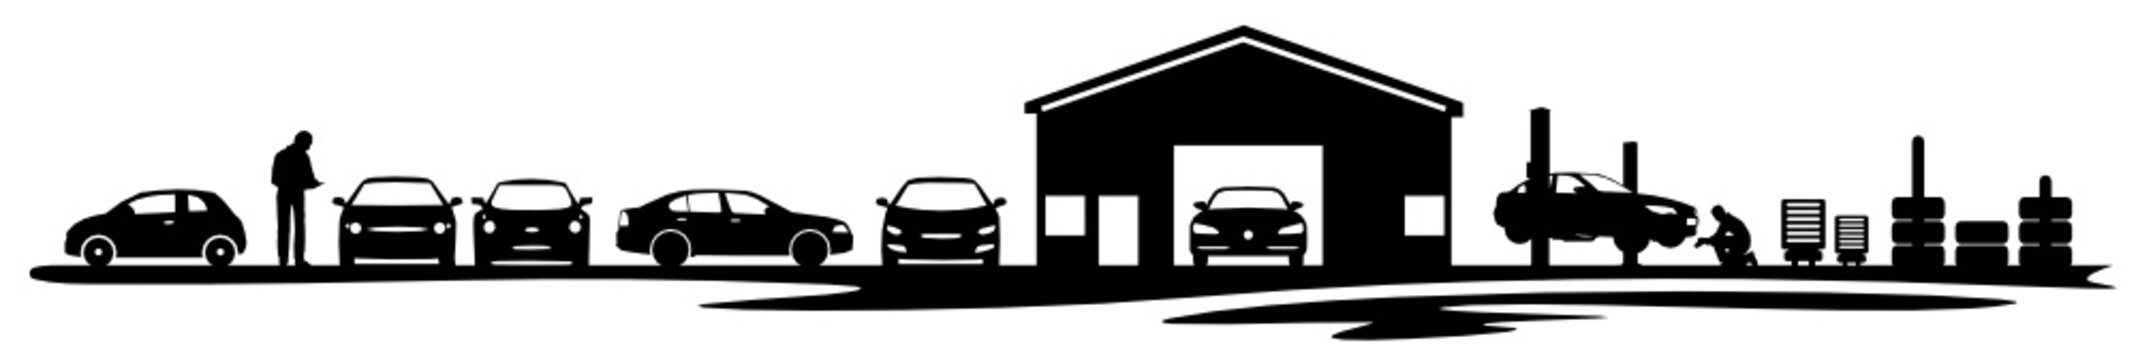 Silhouette Auto Verkauf